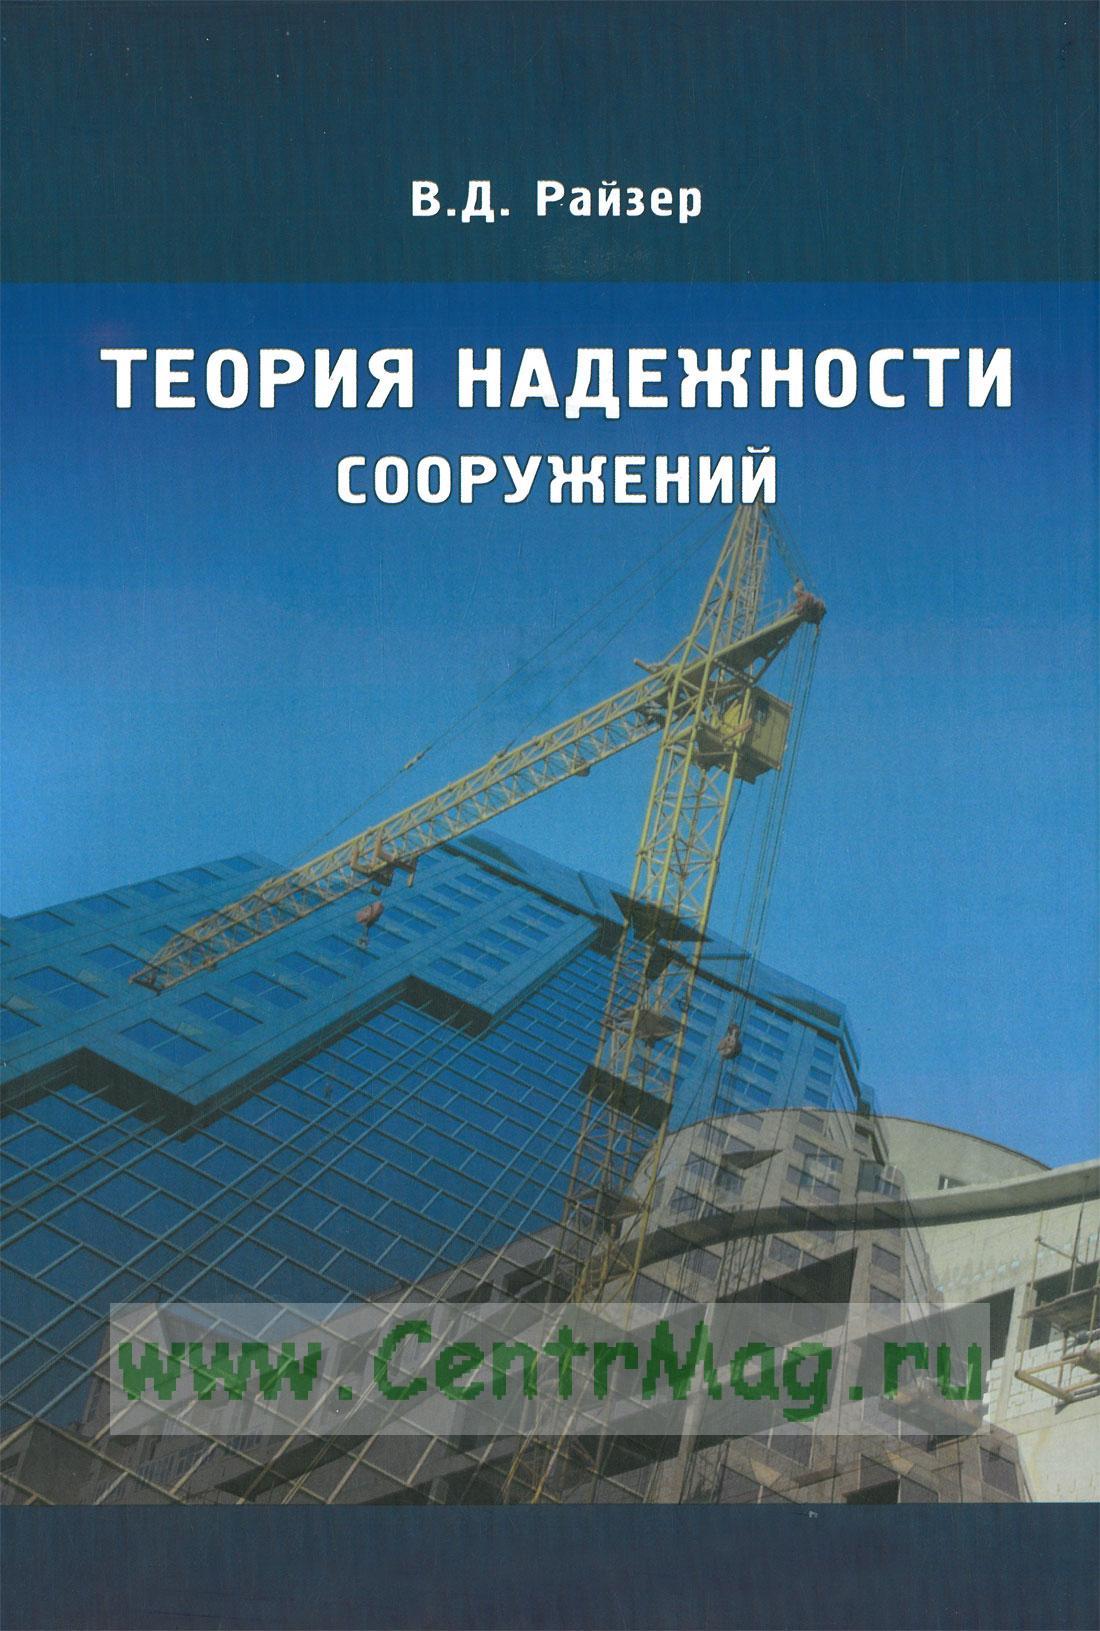 Теория надежности сооружений. Научное издание